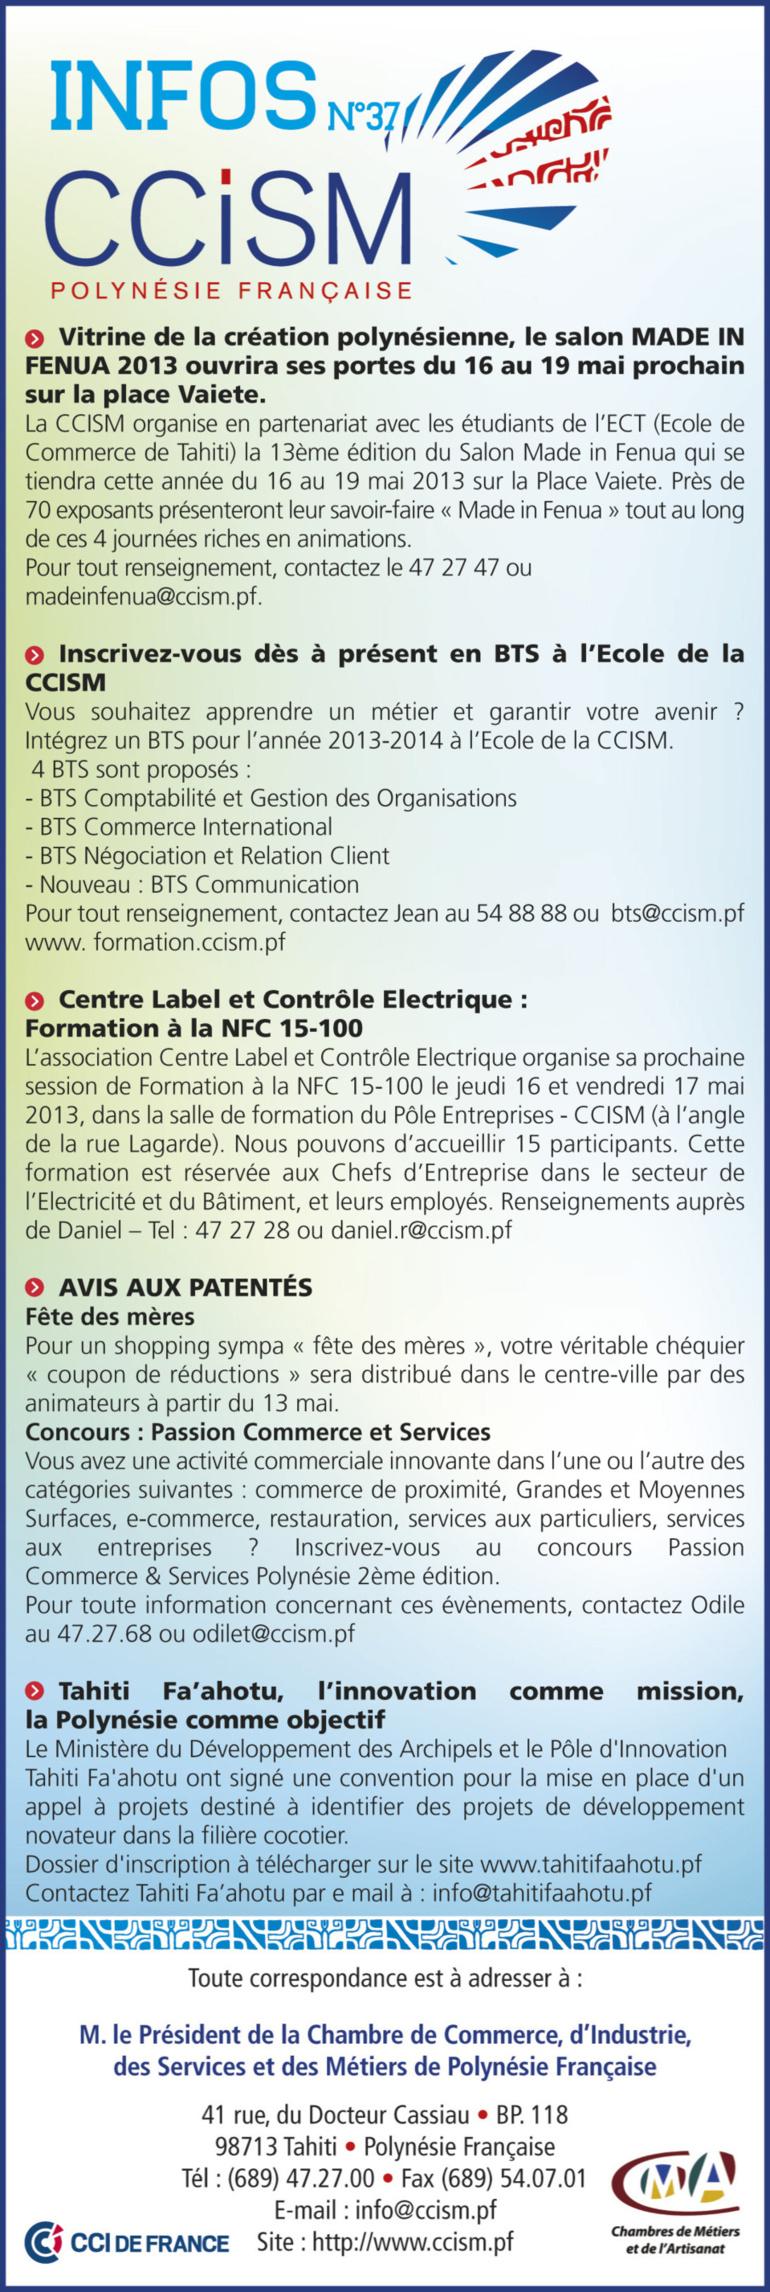 Infos CCISM N°37